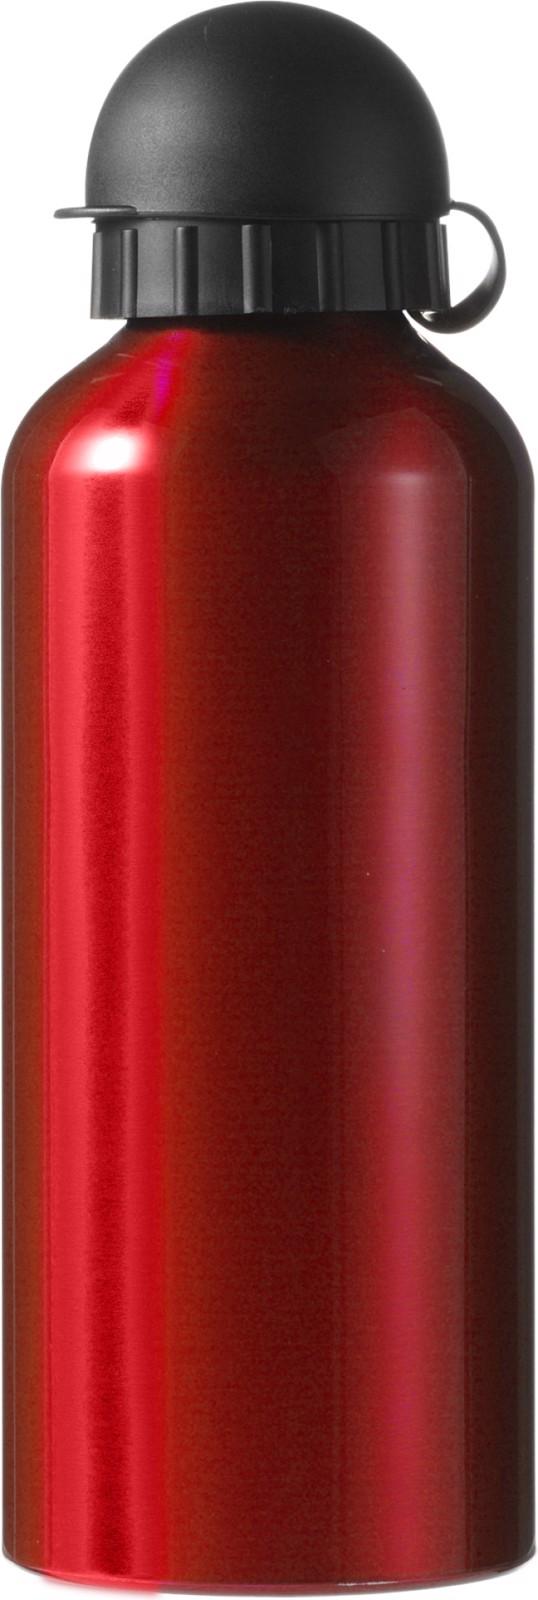 Aluminium bottle - Red